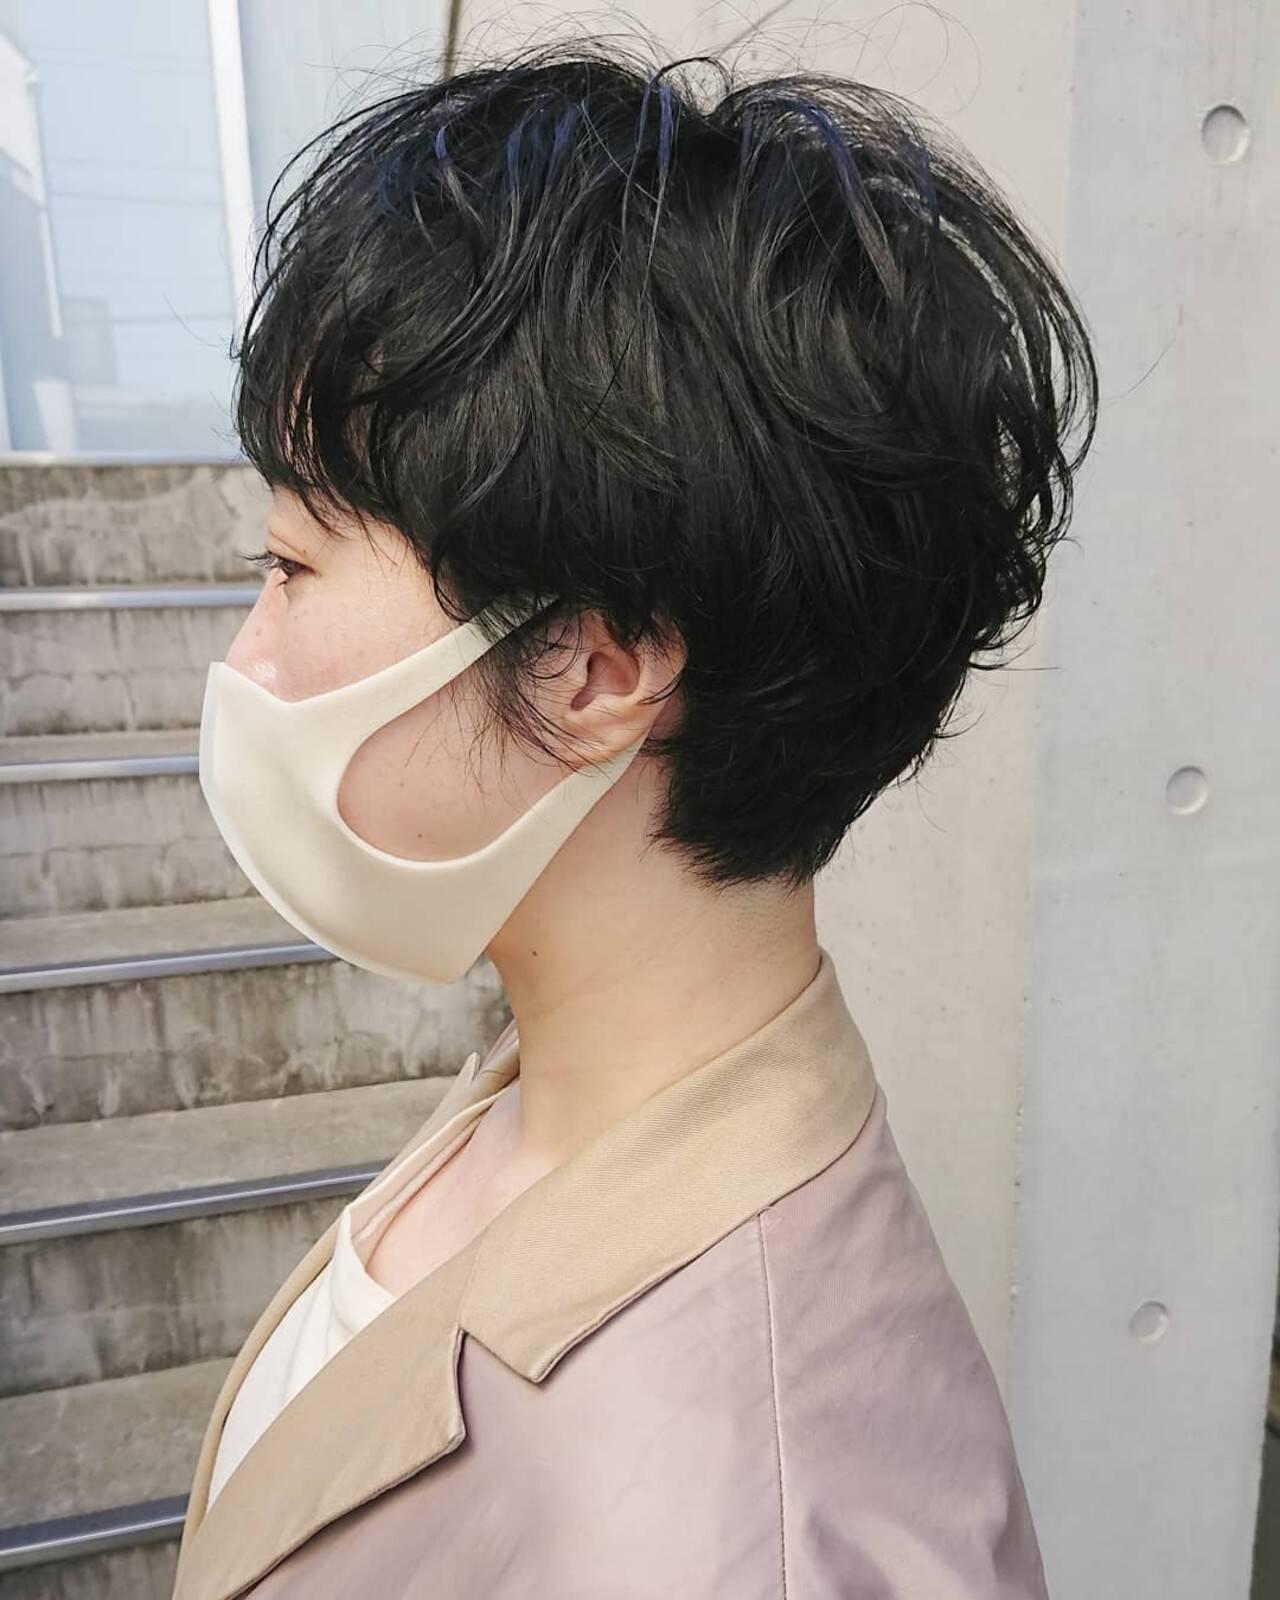 前髪 ナチュラル ベリーショート パーマヘアスタイルや髪型の写真・画像